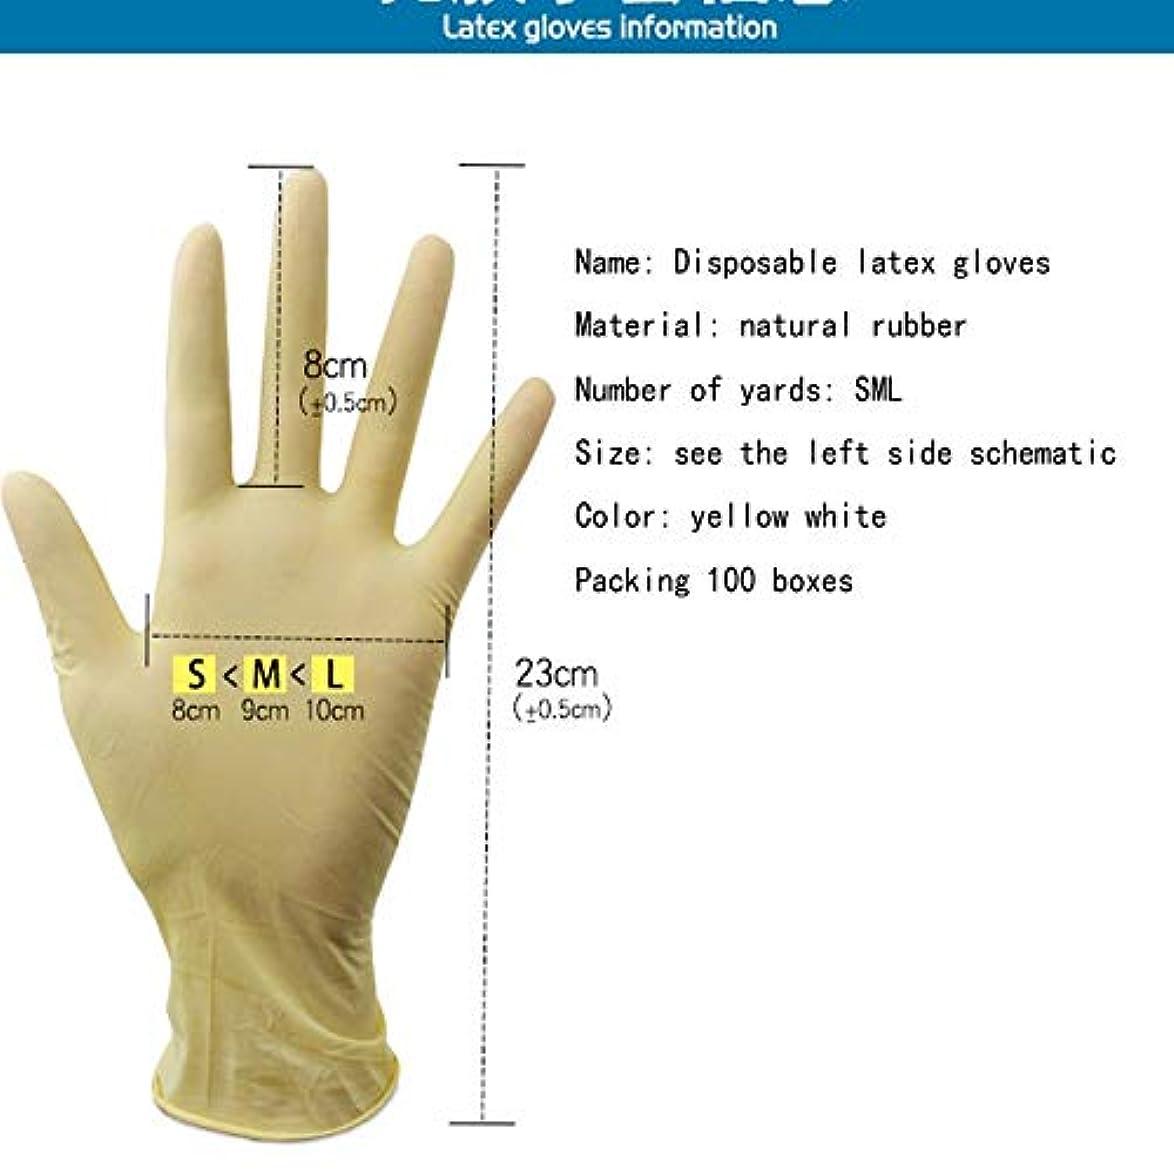 丁寧削減ヒープ使い捨て手袋 - これらの使い捨て食品準備手袋はまた台所クリーニング、プラスチックおよび透明のために使用することができます - 100部分ラテックス手袋 (Color : Beige)